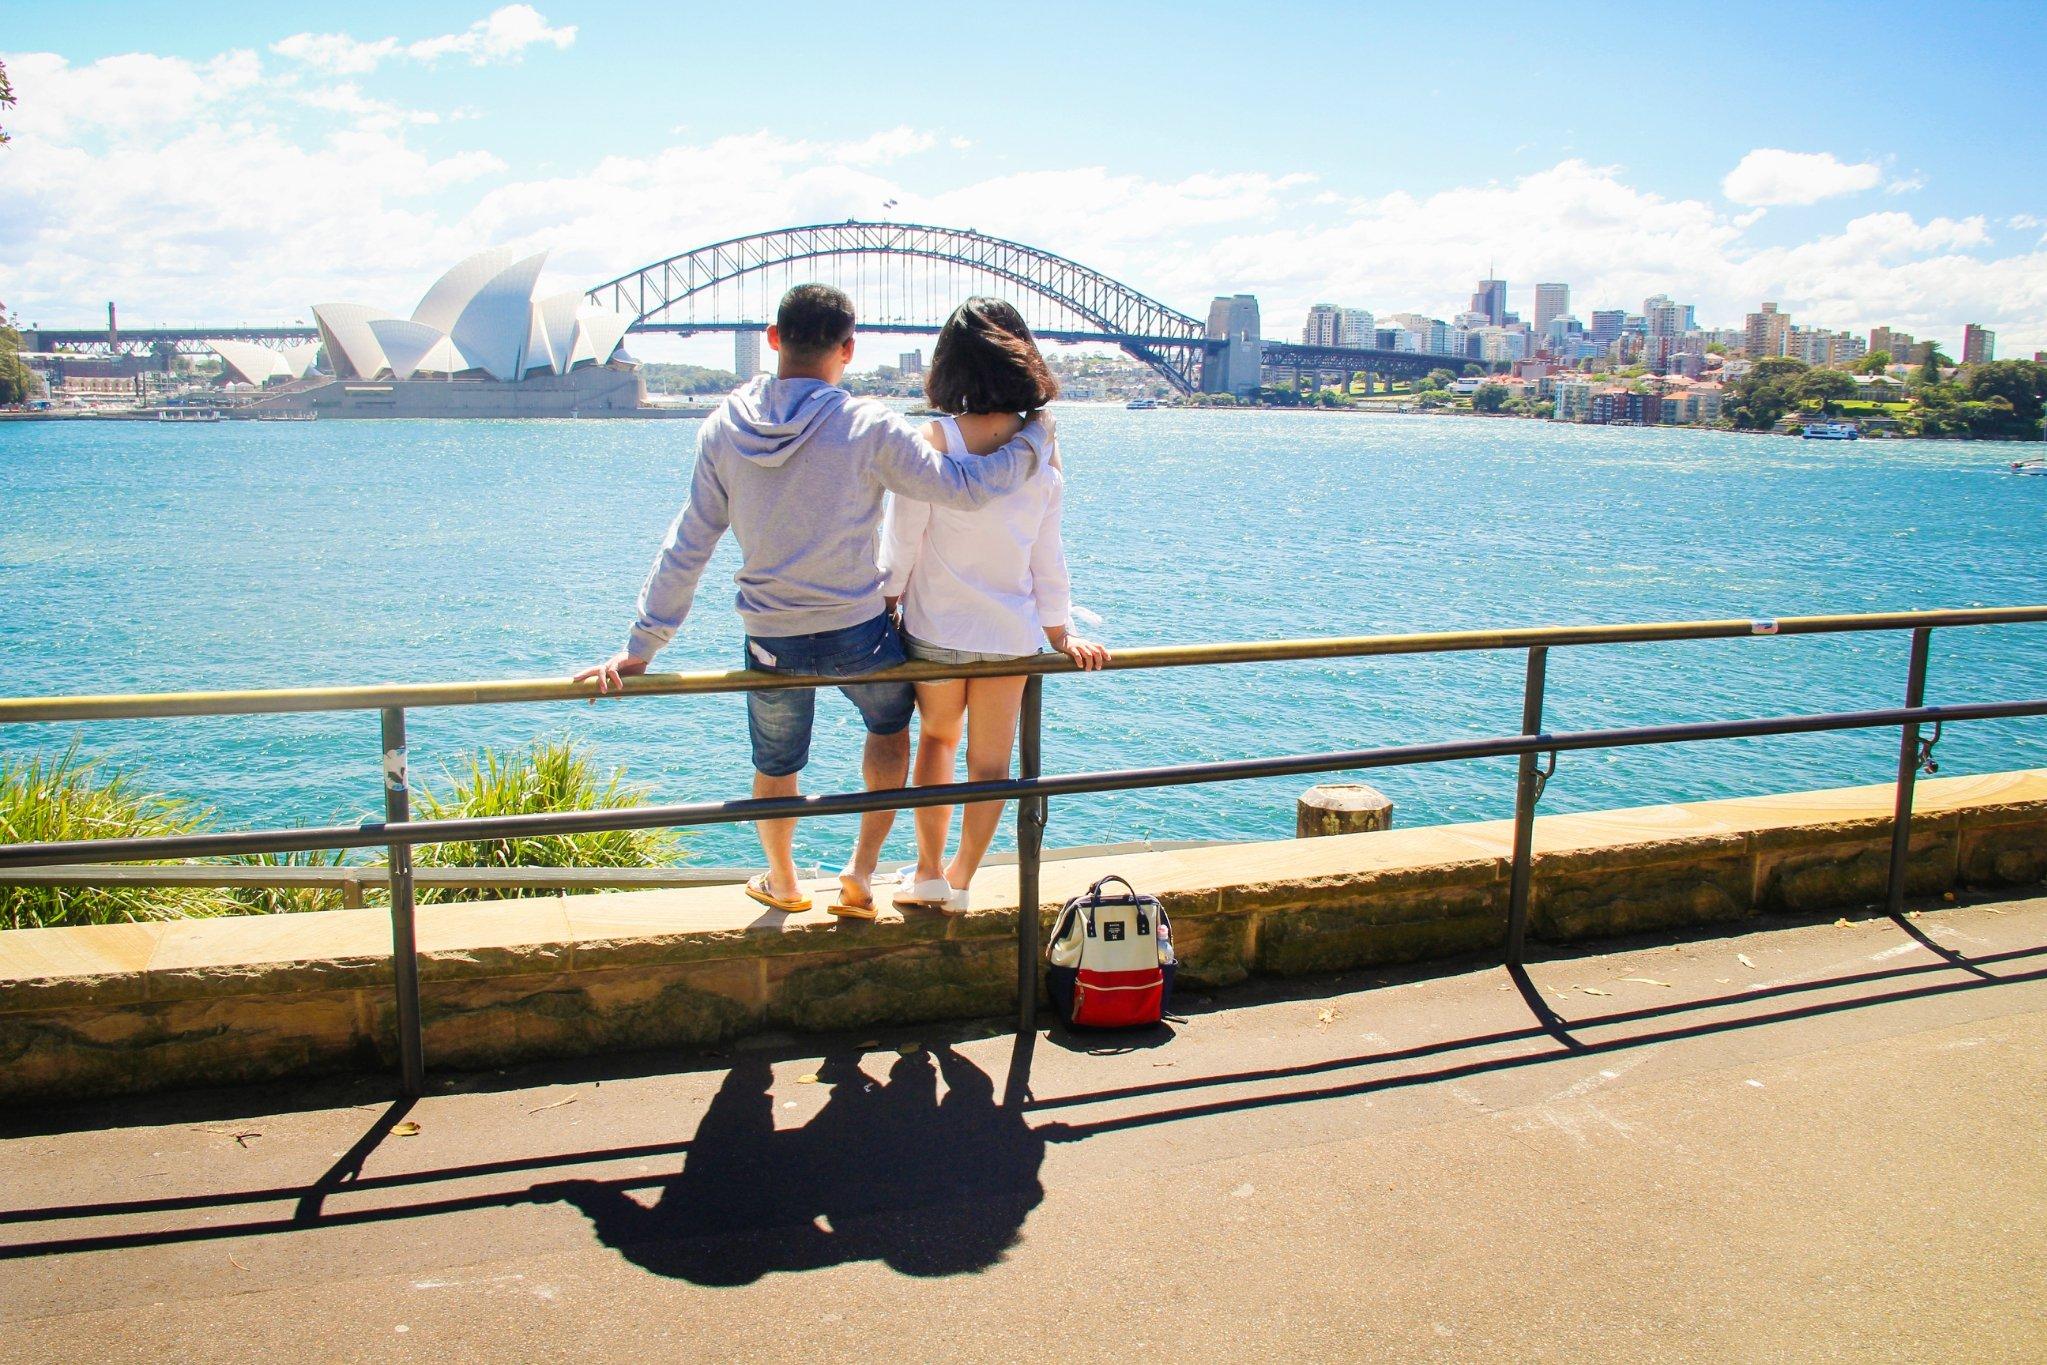 上天入海,我的浪漫春天,我的澳洲浪啊浪~【悉尼圣灵群岛布里斯班大洋路墨尔本】